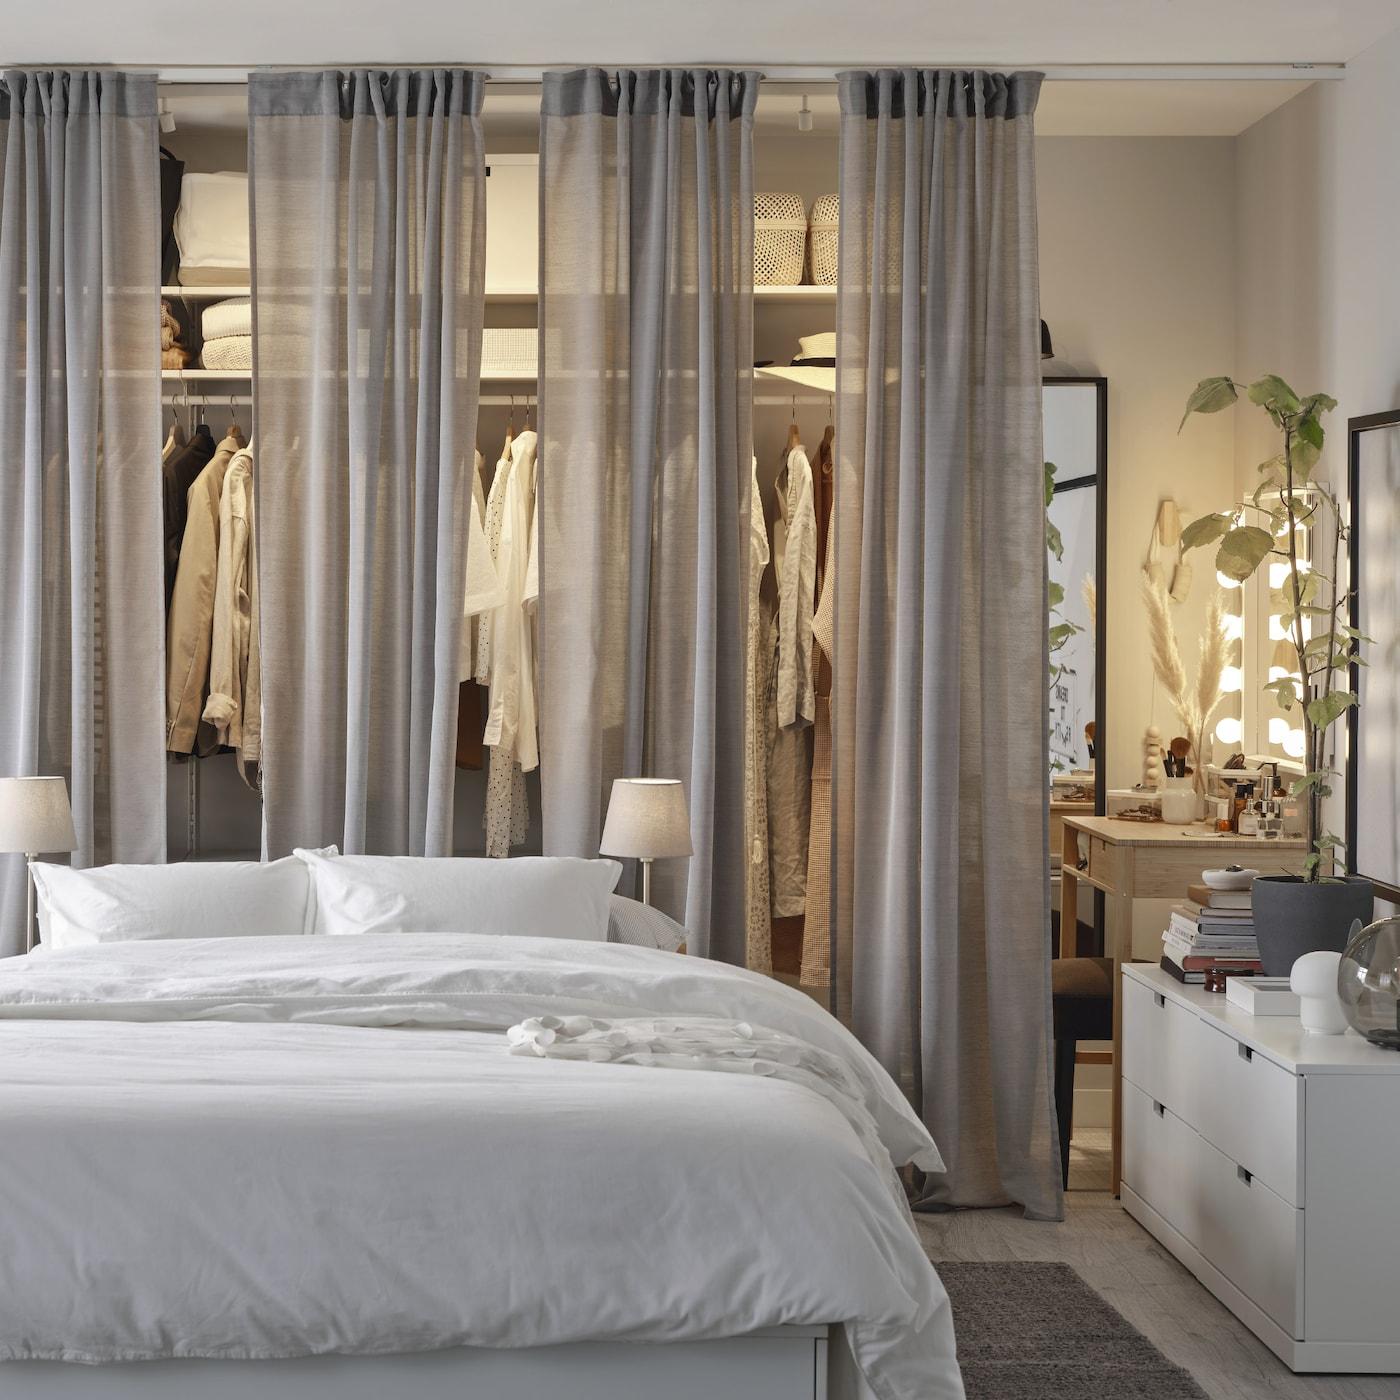 Ein elegantes Schlafzimmer mit weißem Bettgestell, weißer Kommode, Verdunklungsrollo, schwarzer Wandleuchte, weißem Spiegel und Bambus-Bank.